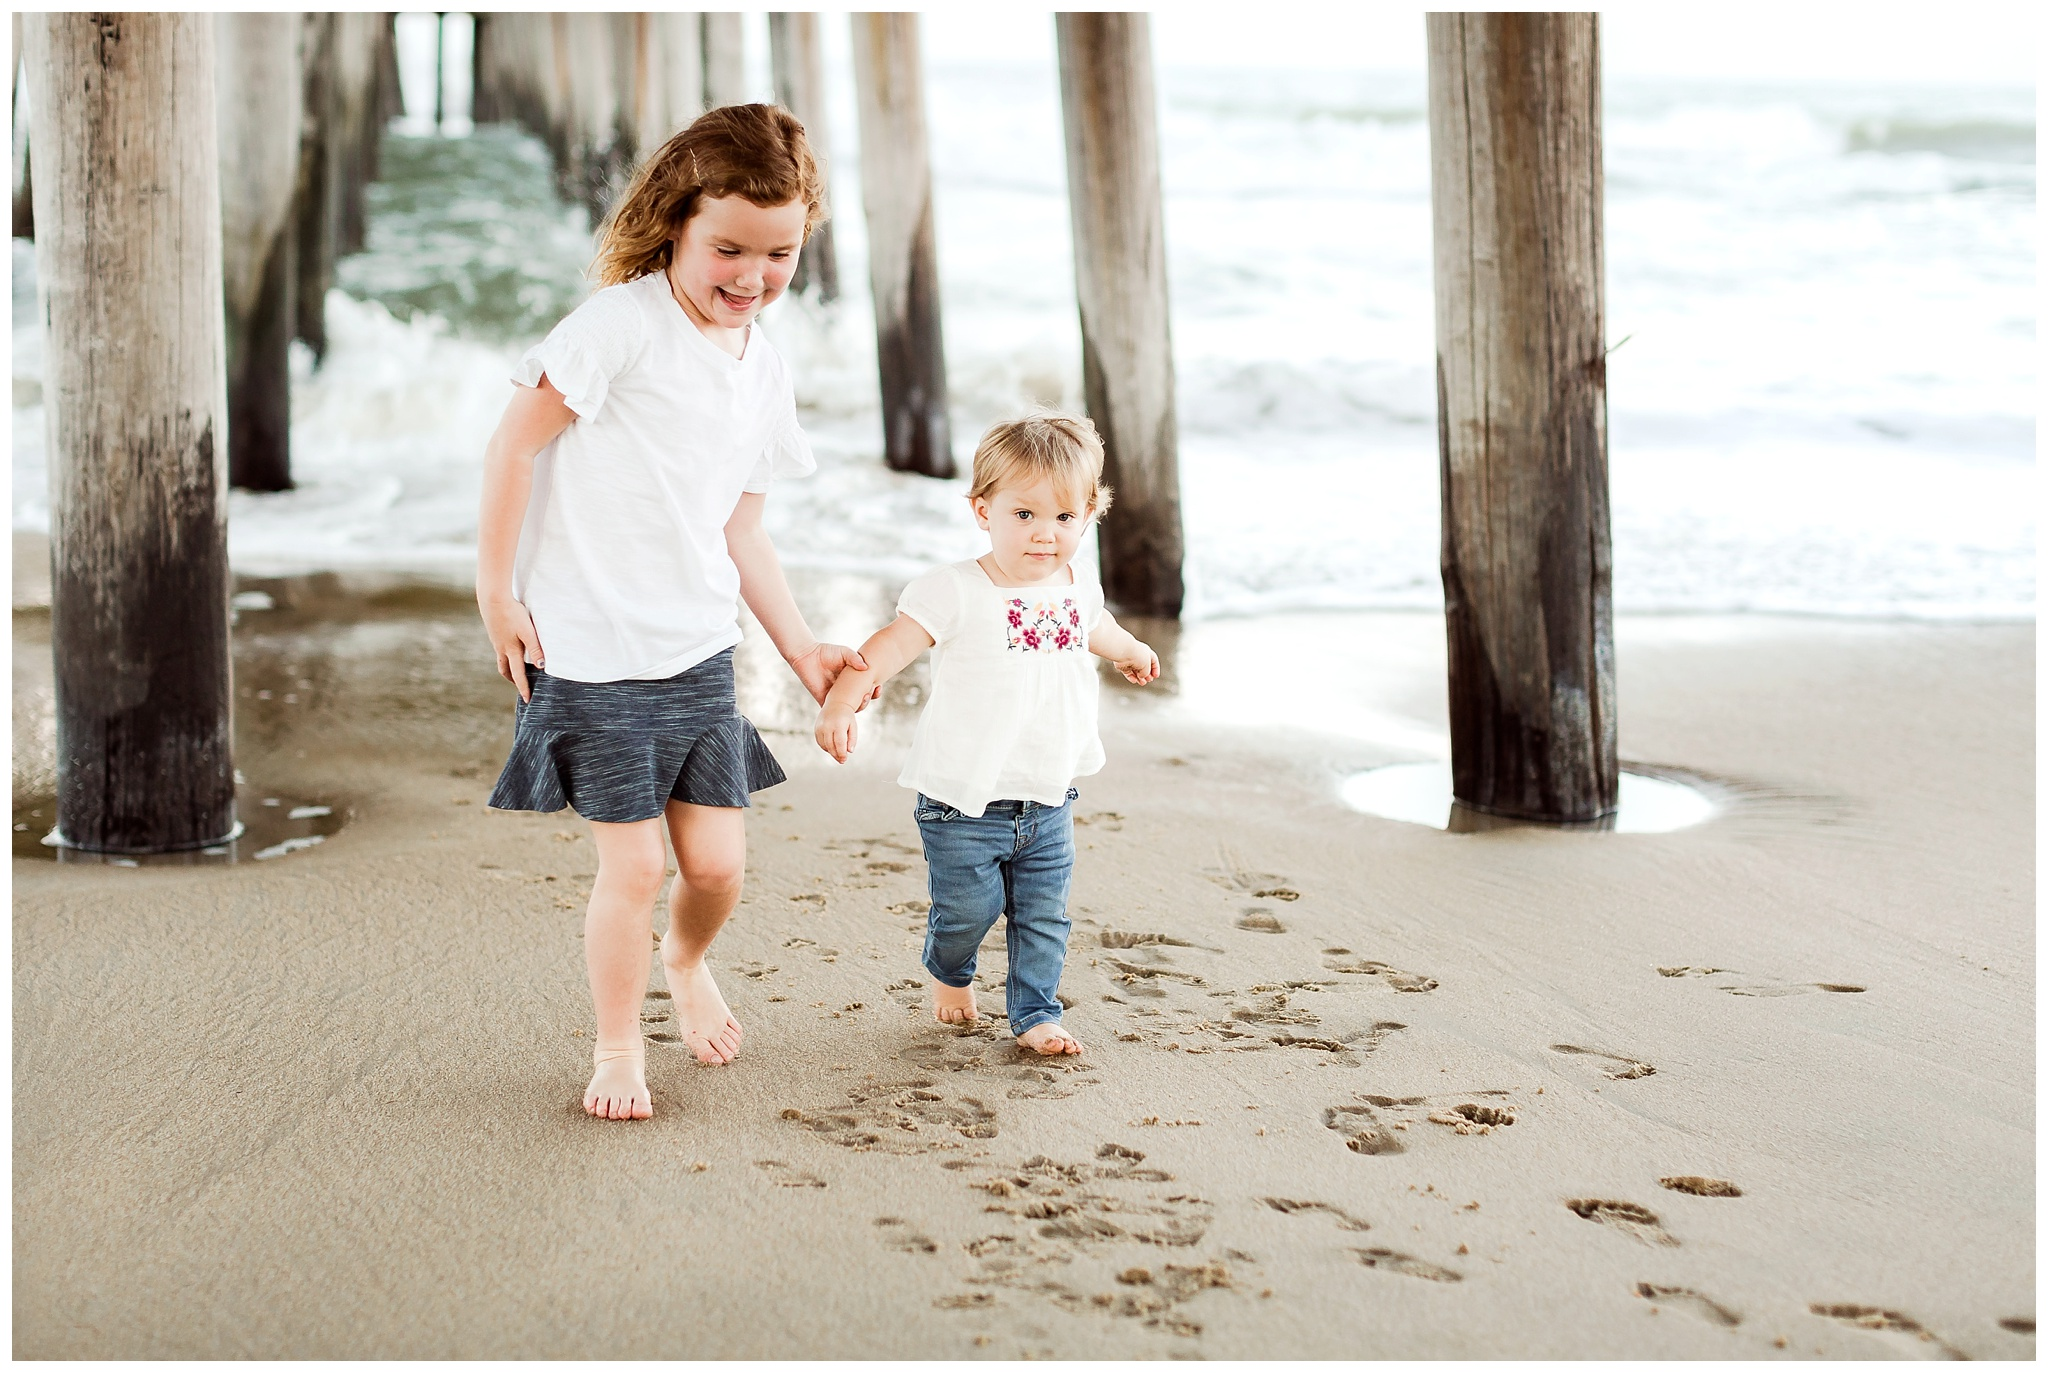 Virginia-Beach-family-photographer_0049.jpg